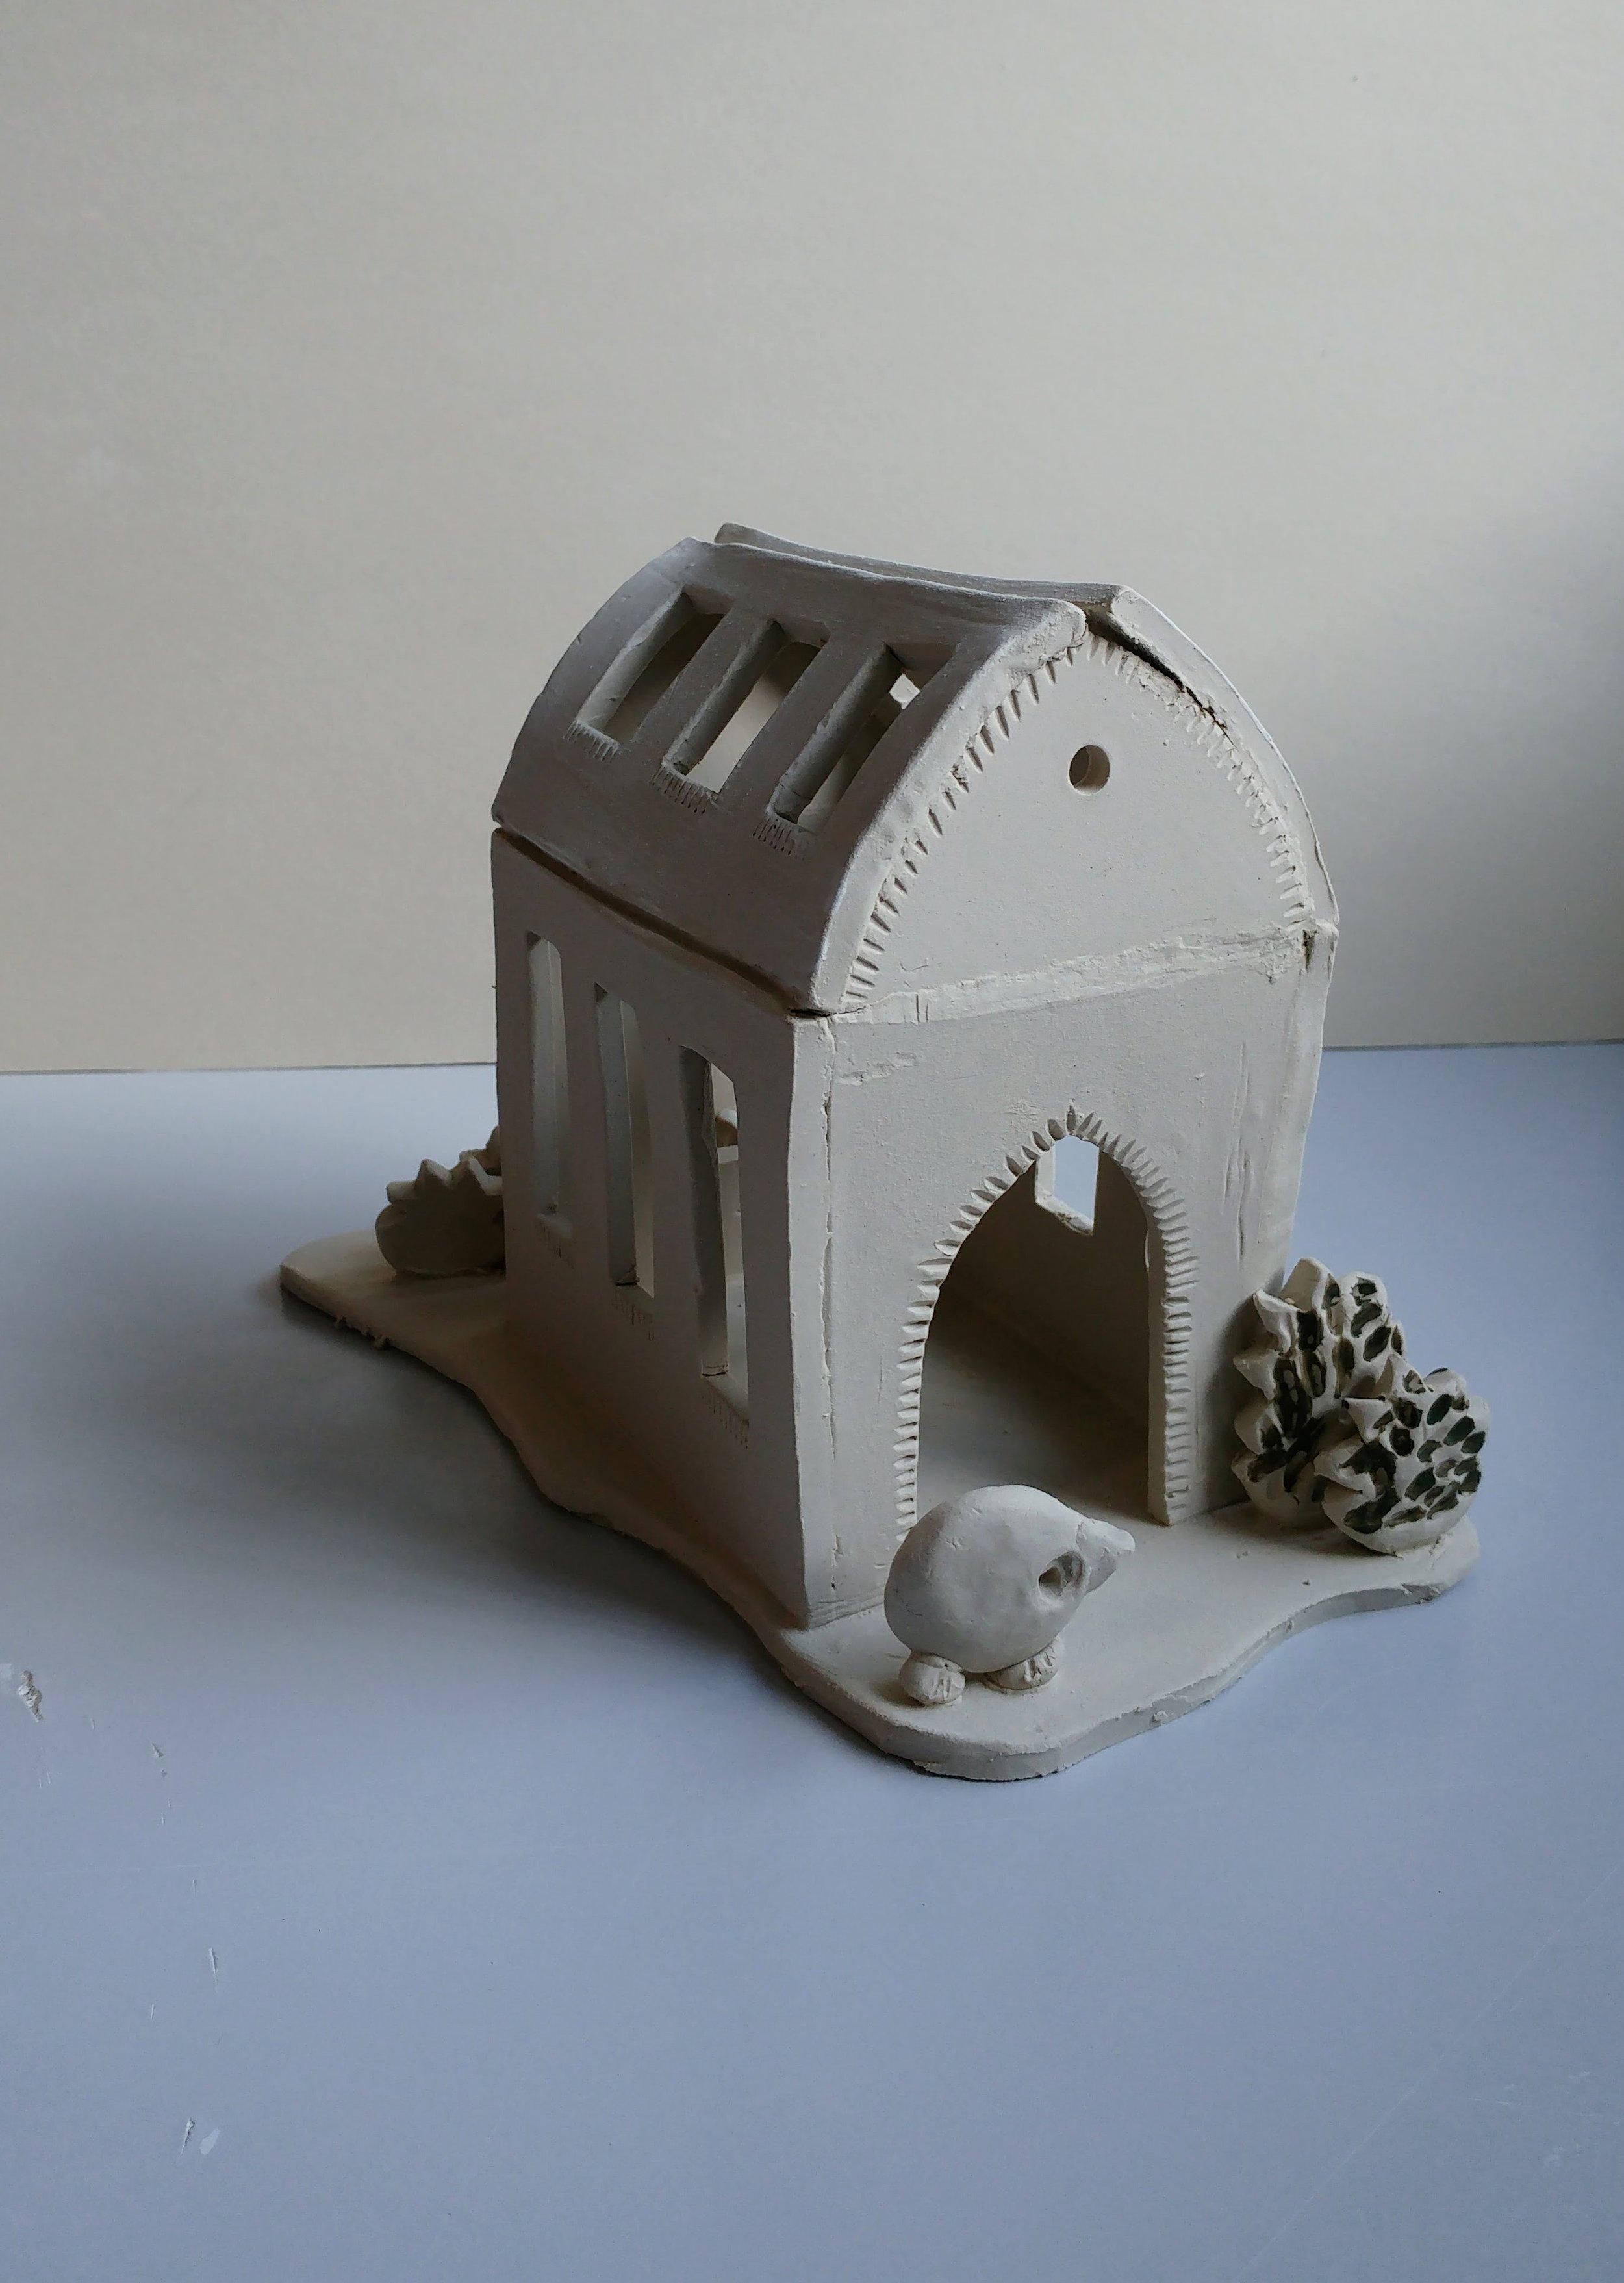 03-2018 - Stage ceramique parent enfant maison 11.jpg